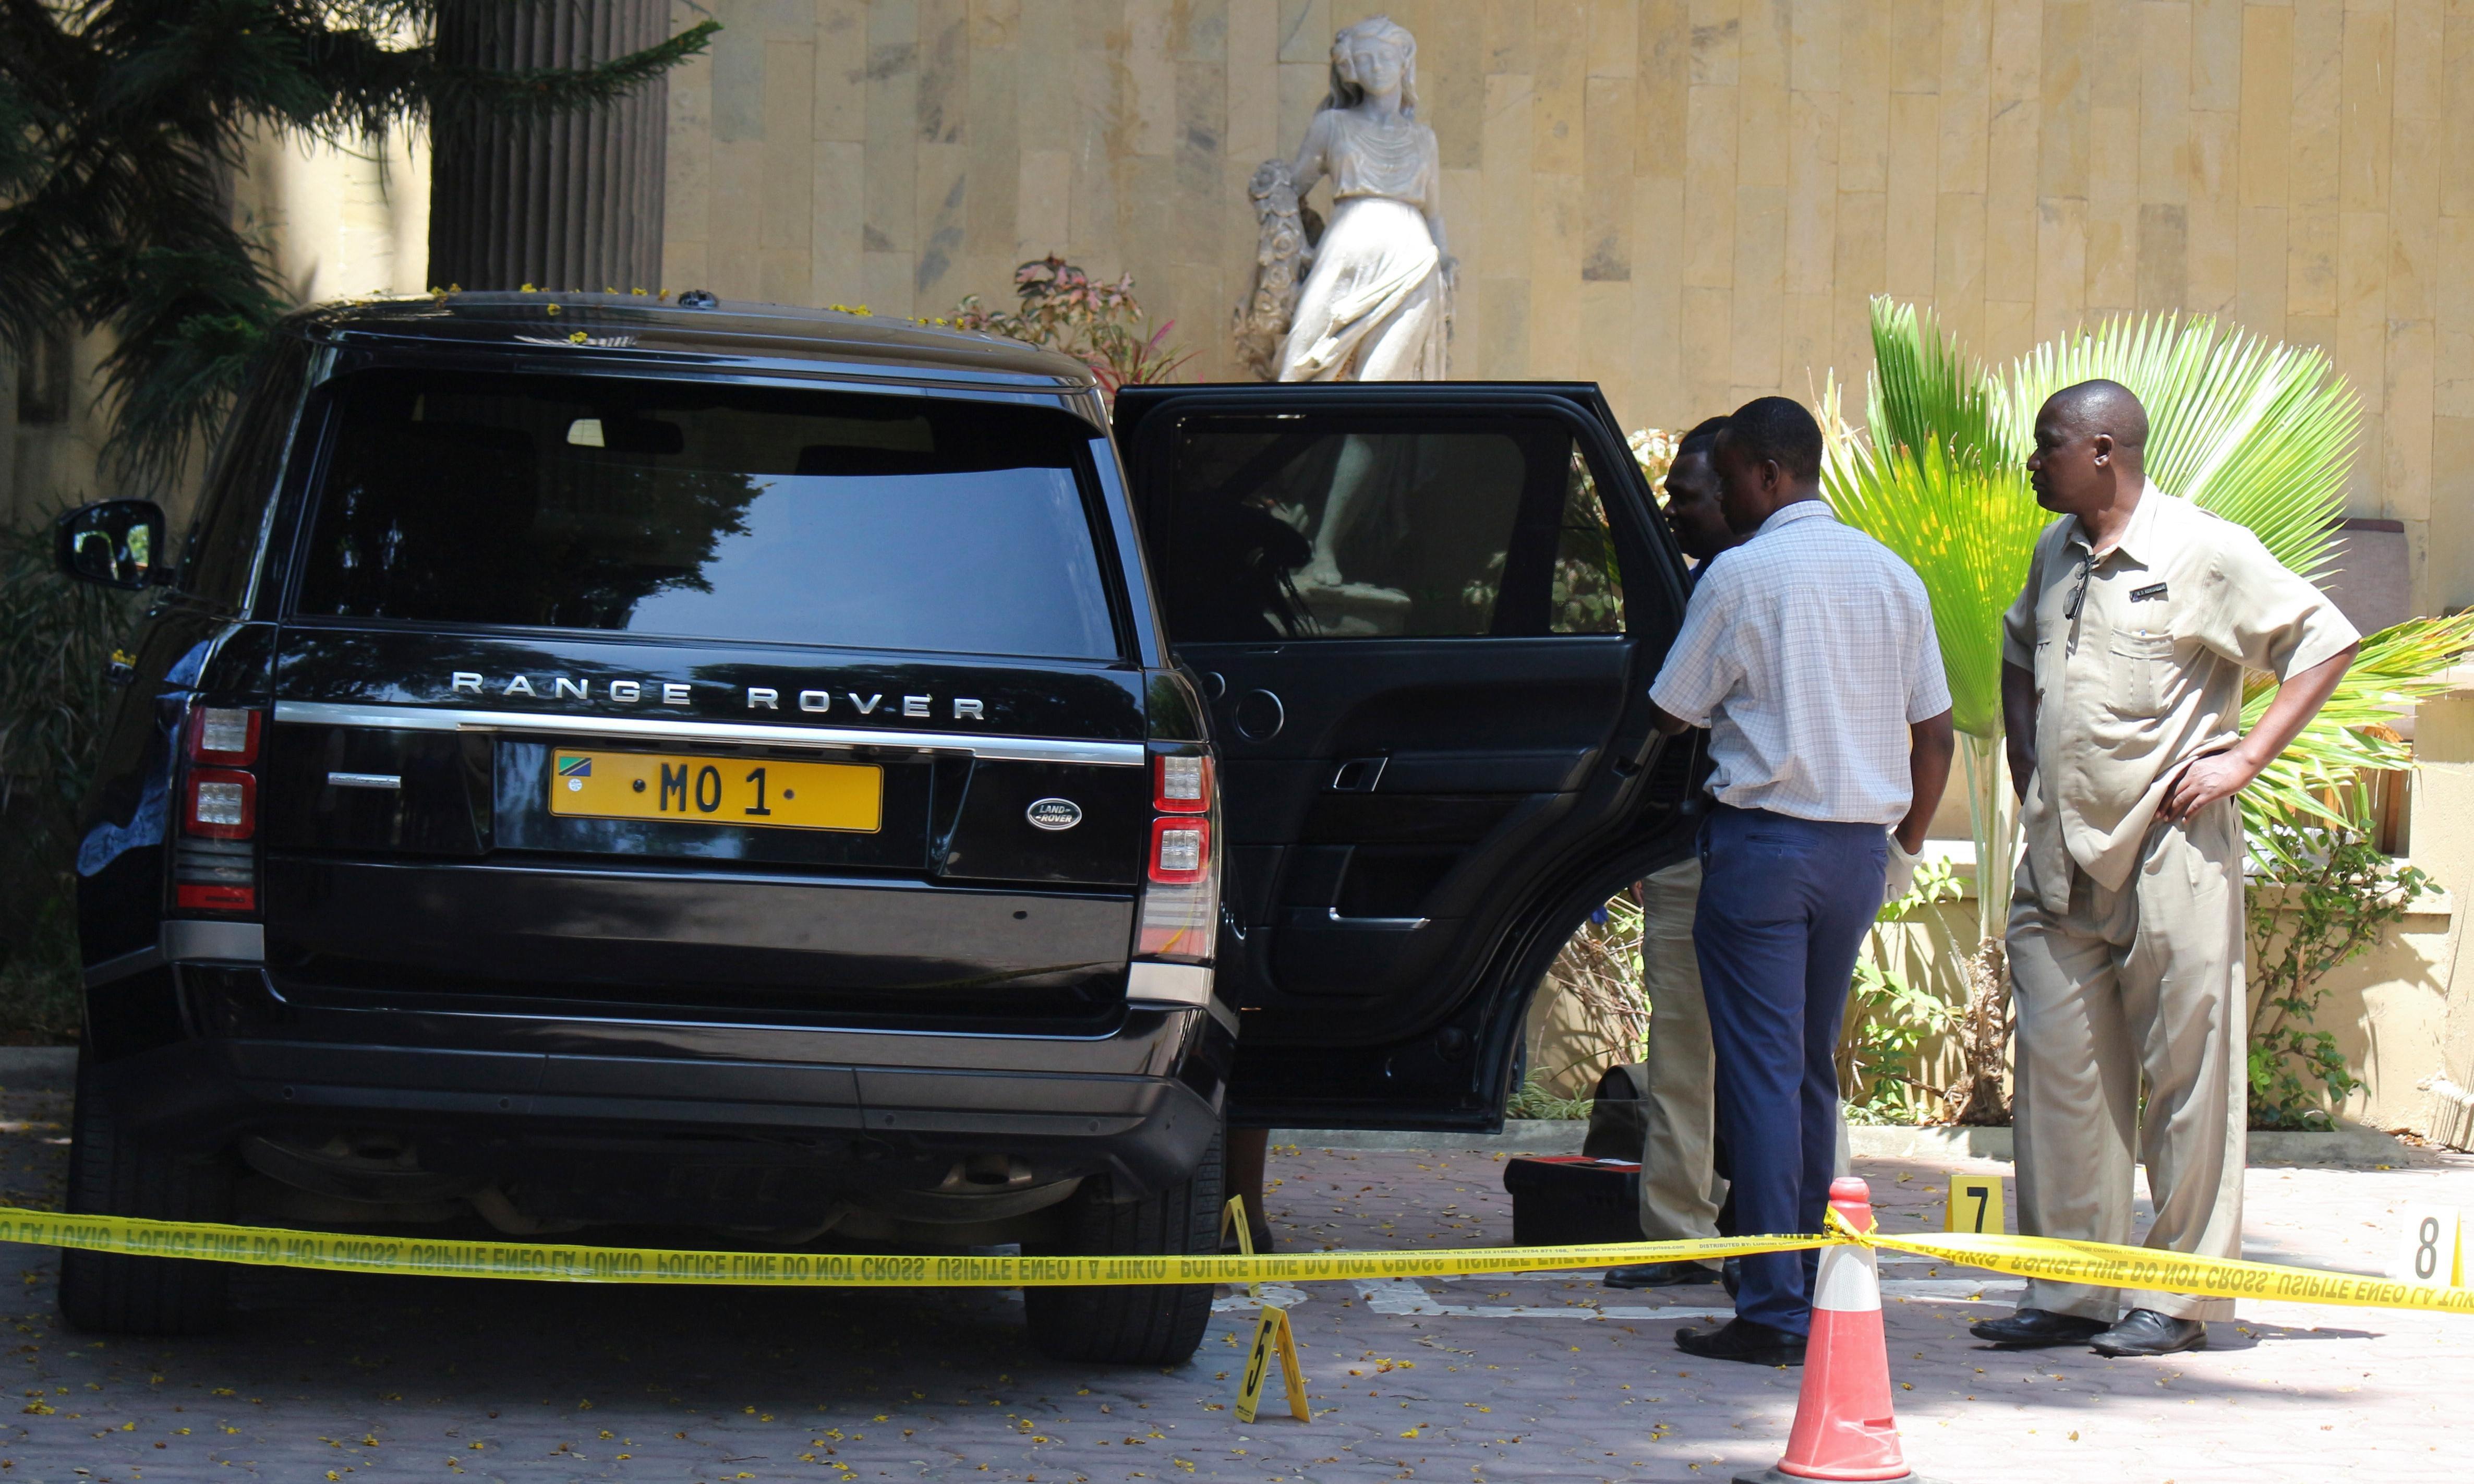 Mohammed Dewji kidnap: family offer £330k reward for billionaire's safe return